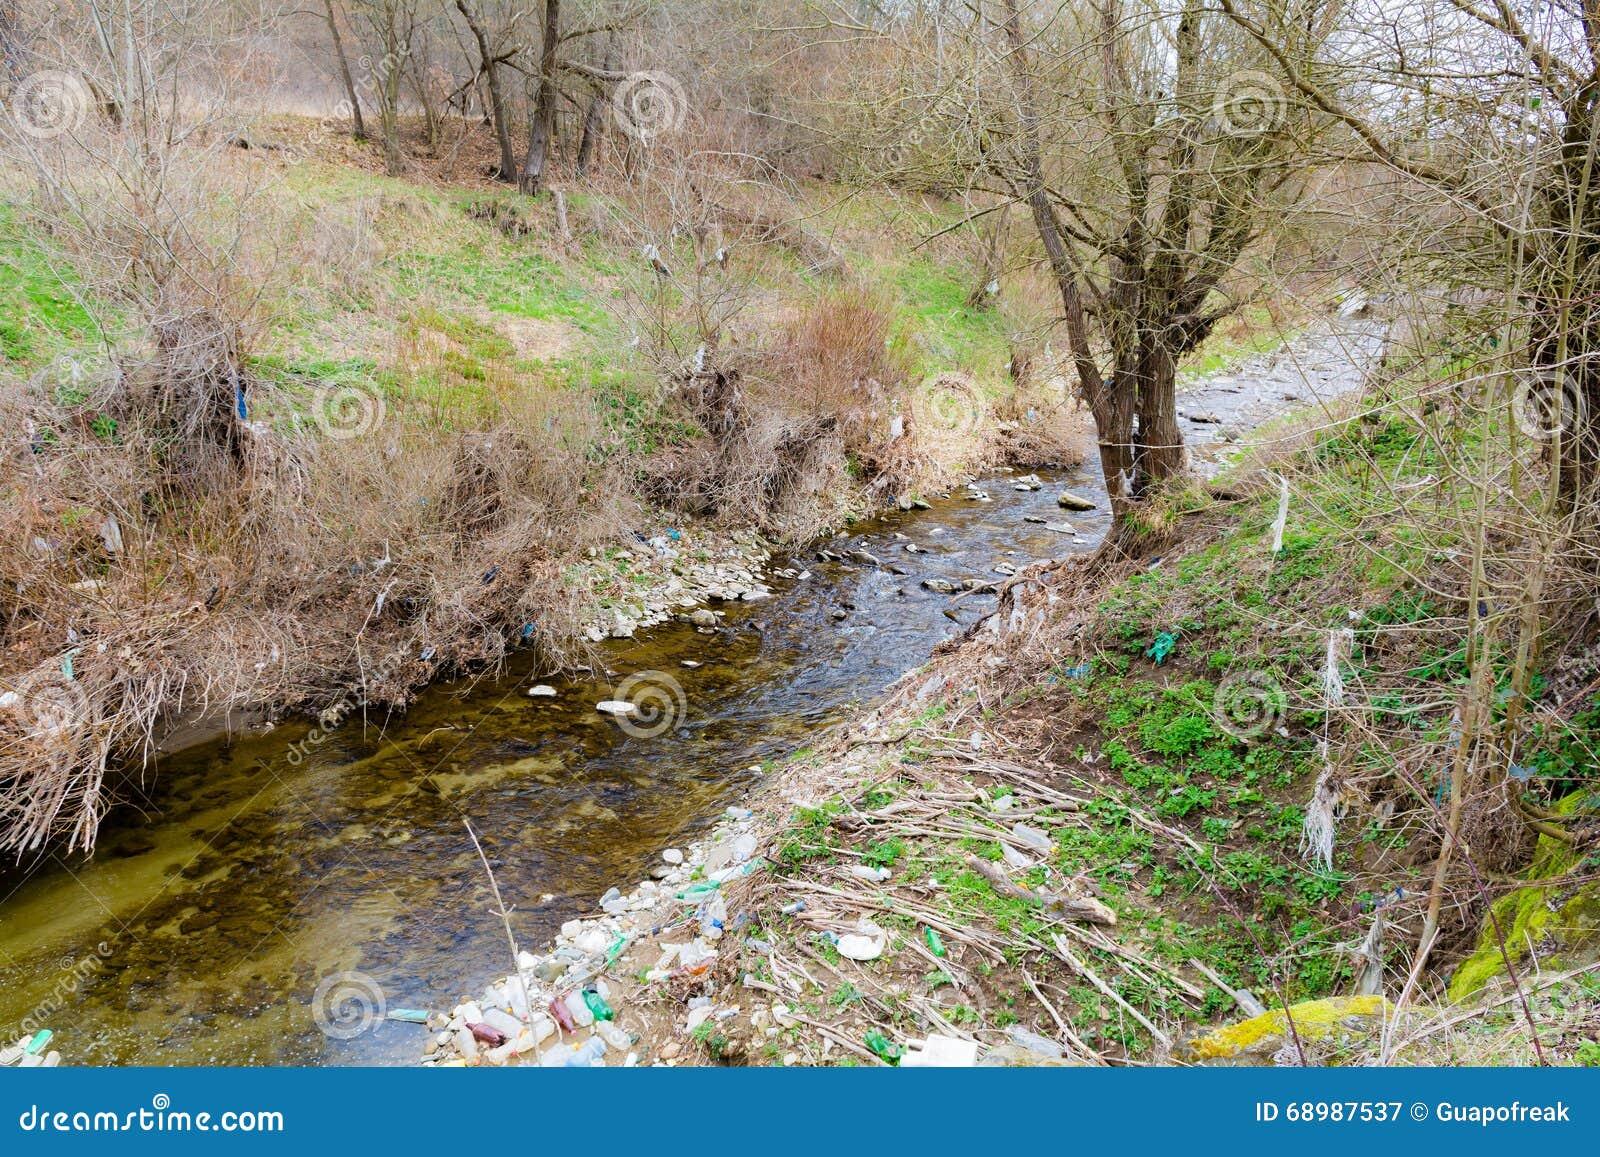 Parte del río seco en el bosque durante la primavera